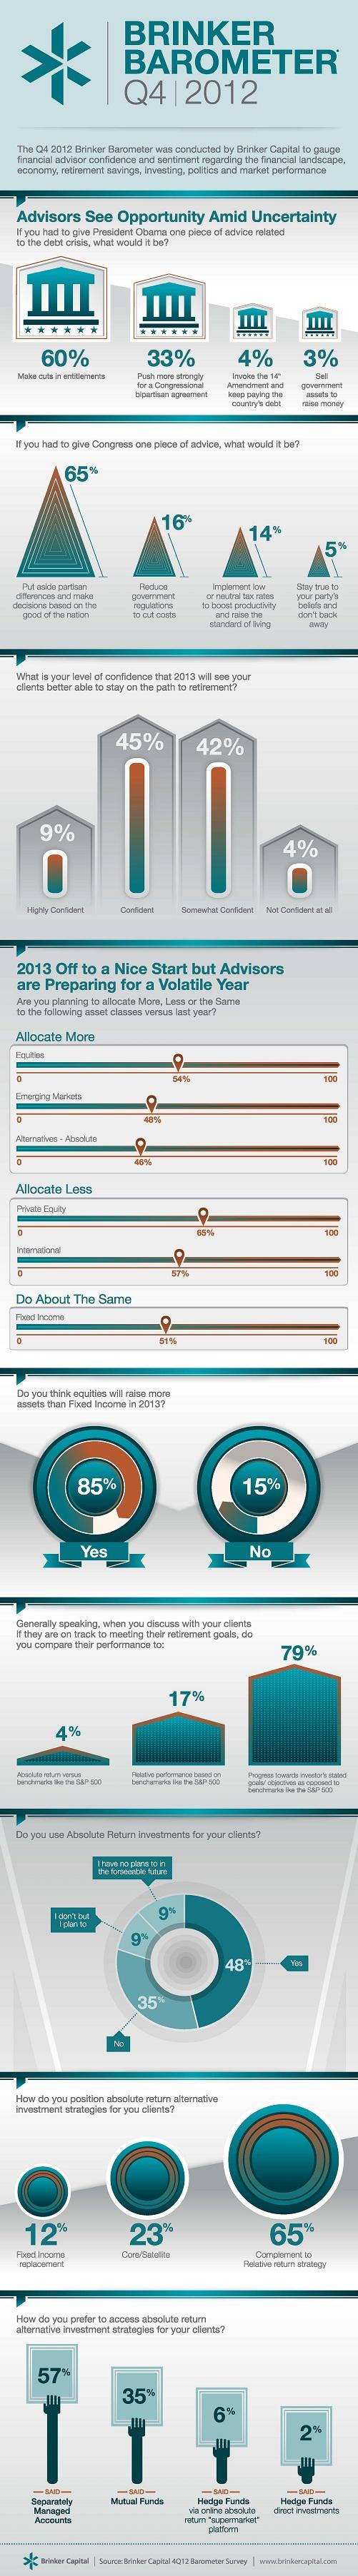 Brinker_Barometer_Q4_2012